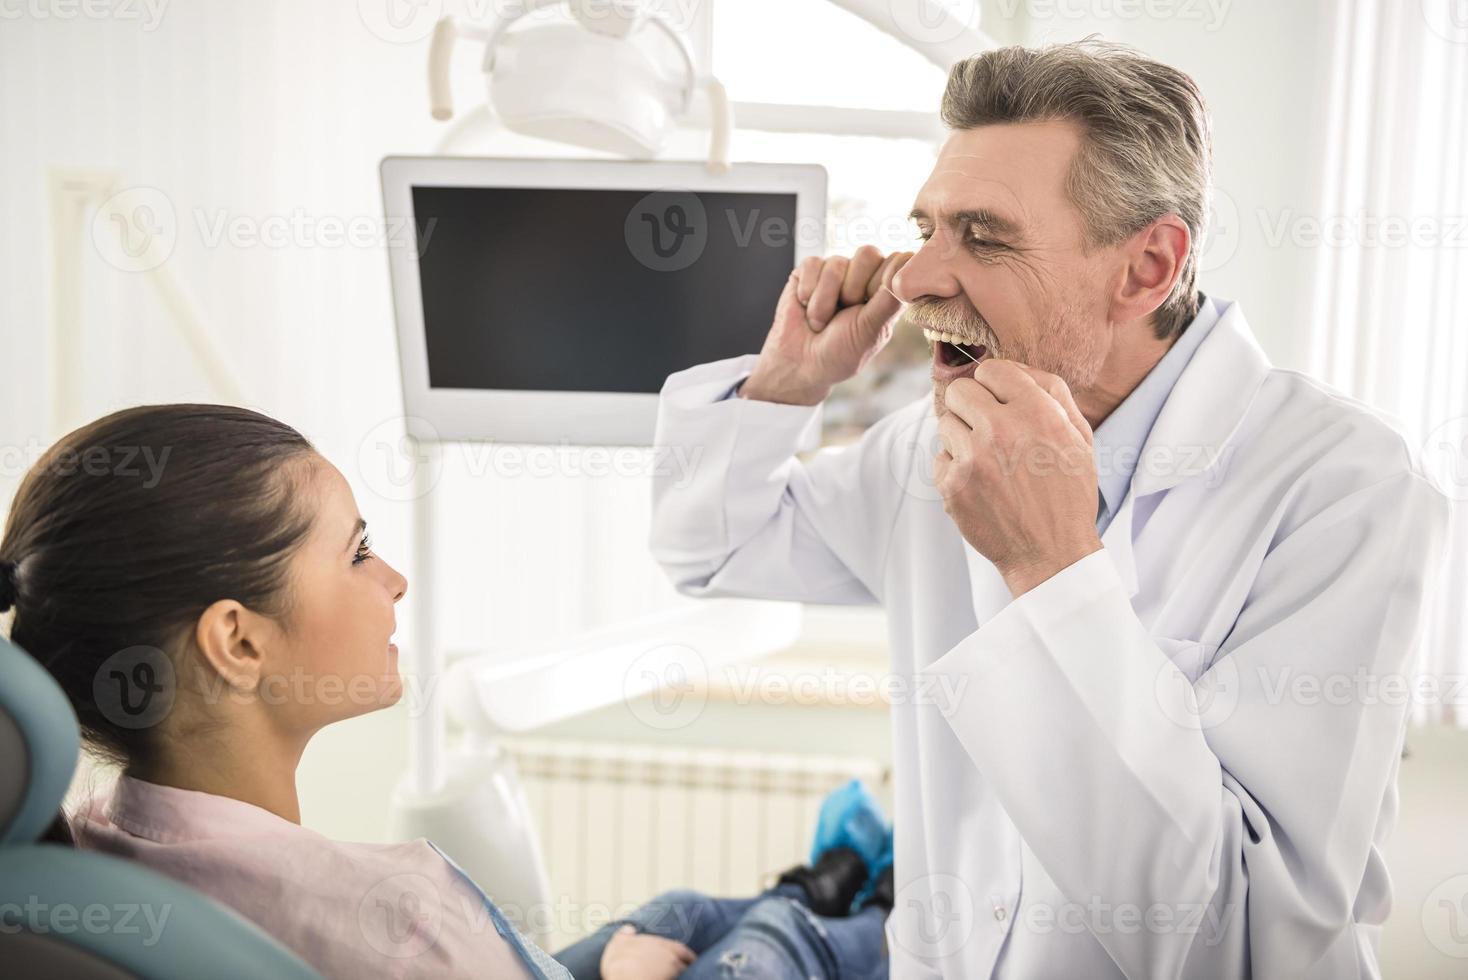 enseigner comment se brosser les dents avec du fil dentaire. photo